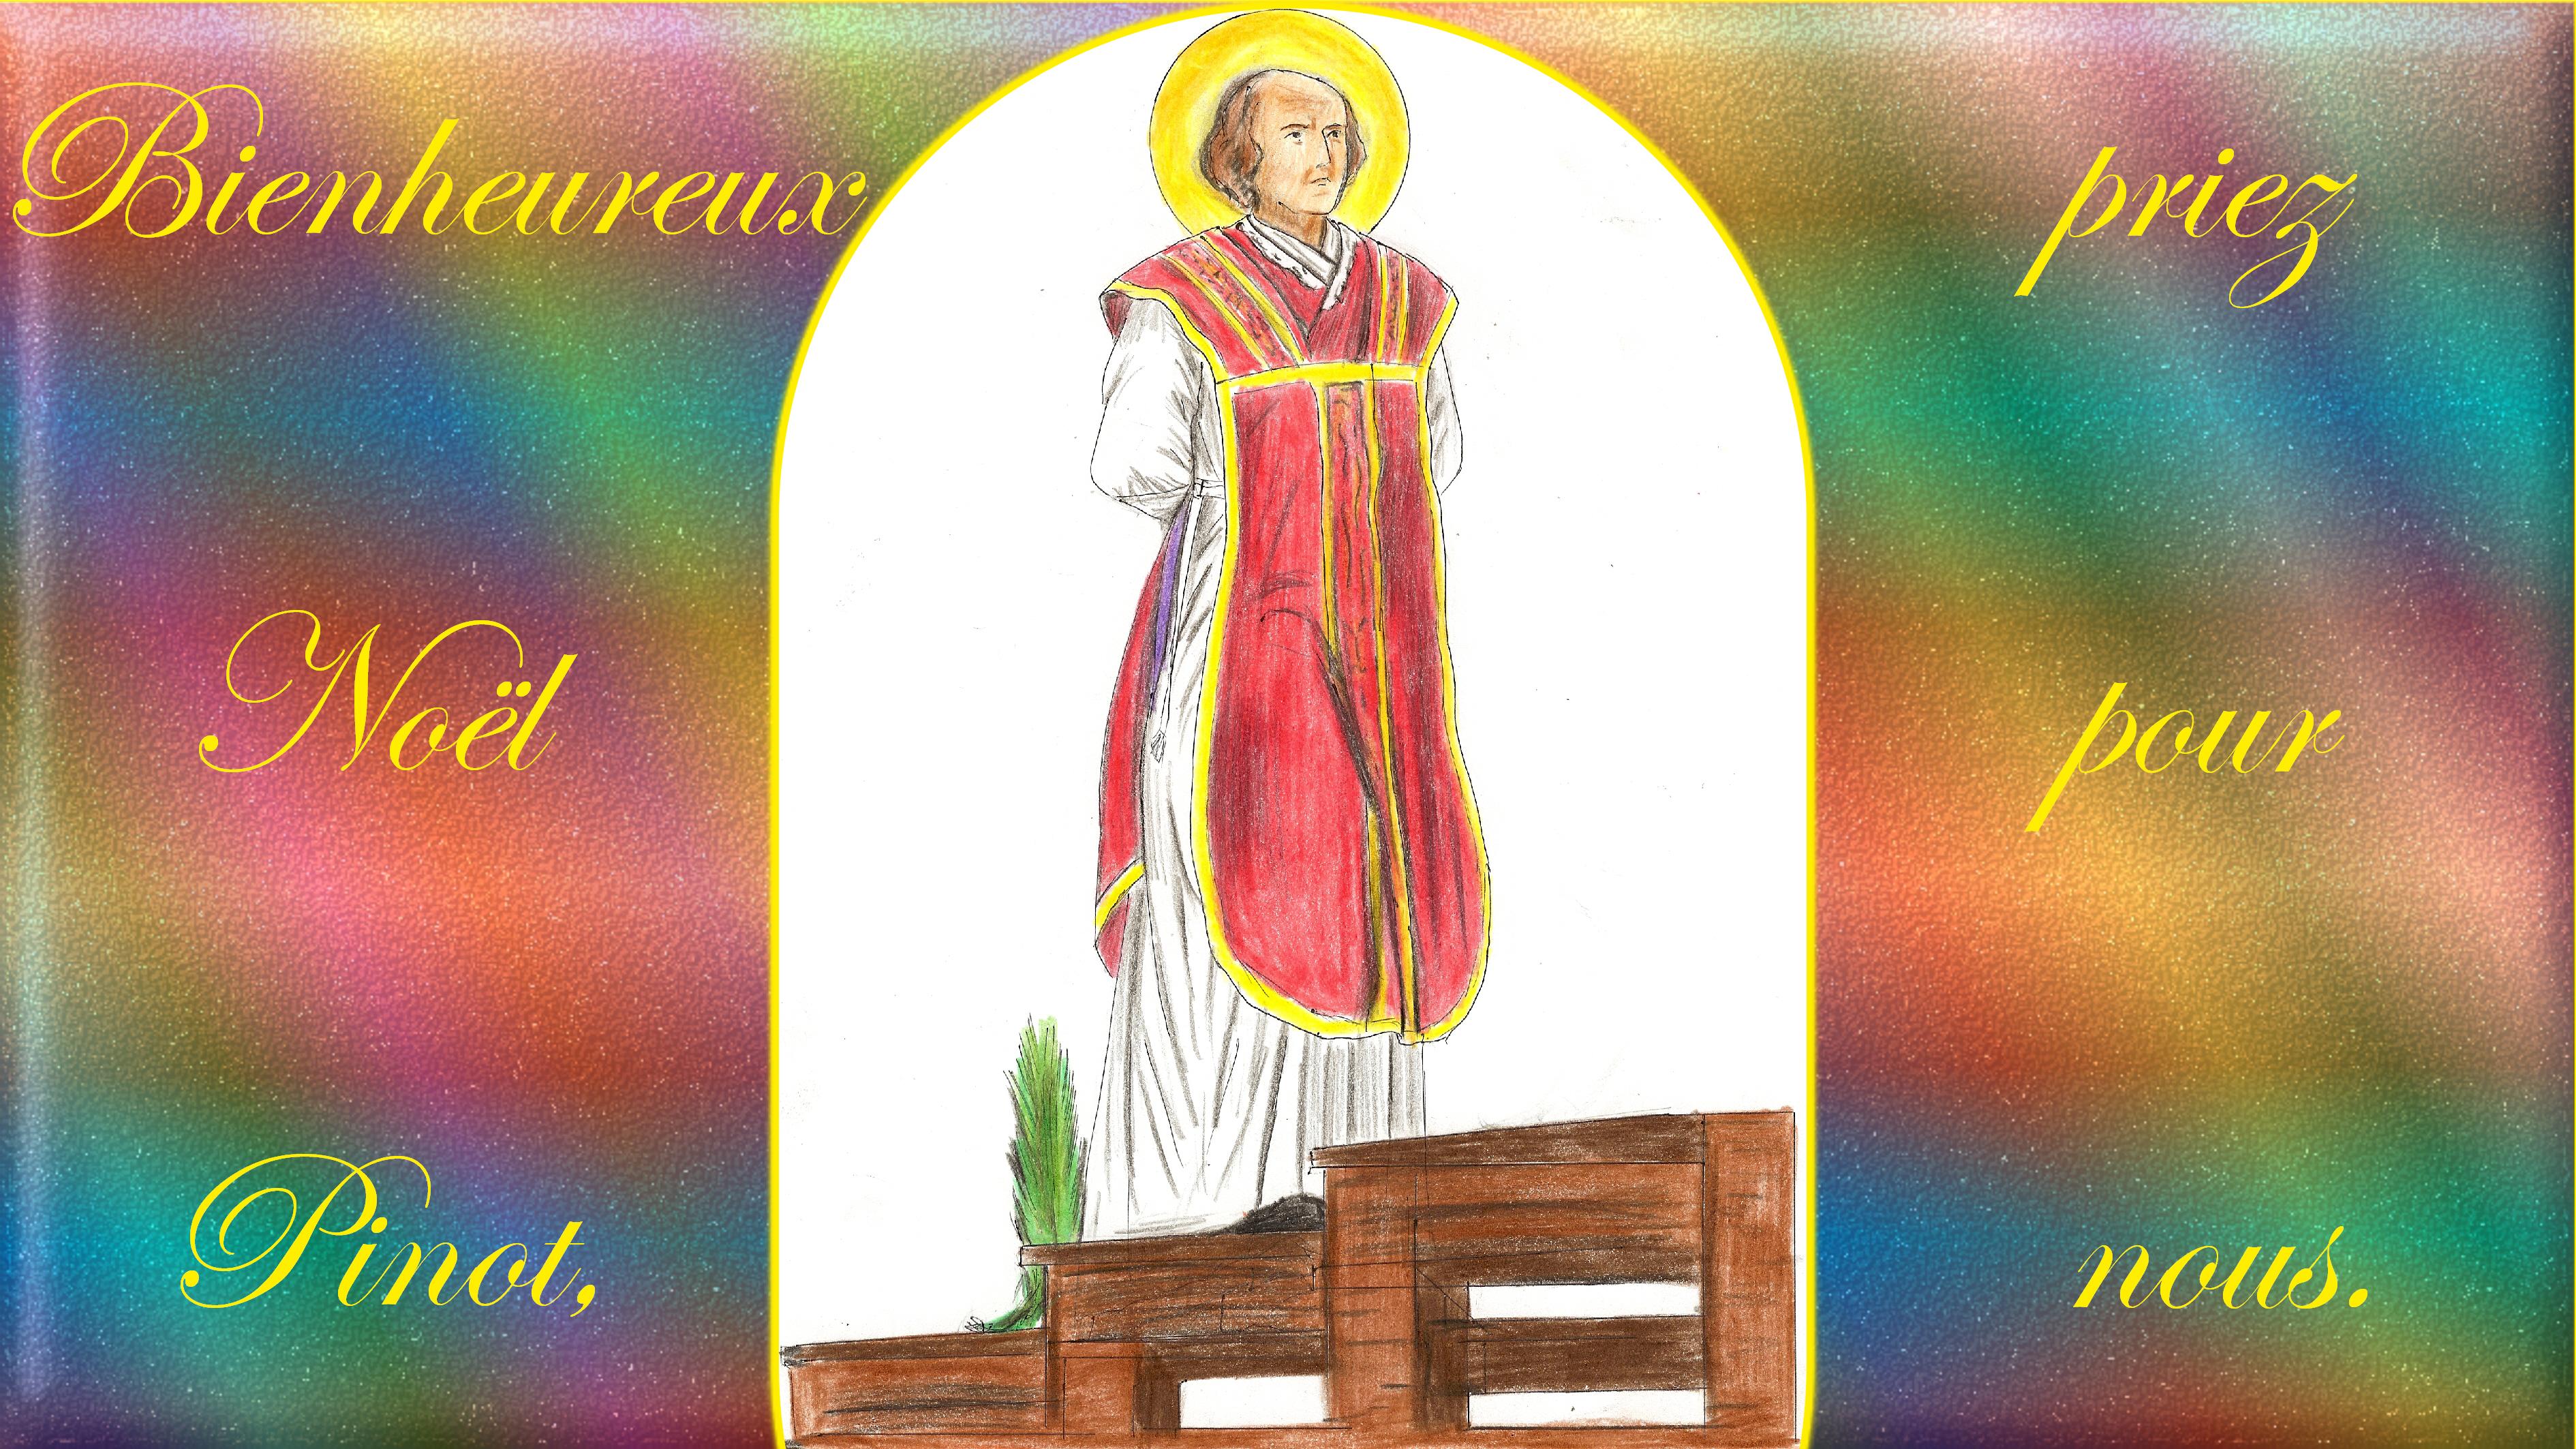 CALENDRIER CATHOLIQUE 2020 (Cantiques, Prières & Images) - Page 6 Bx-no-l-pinot-5712128